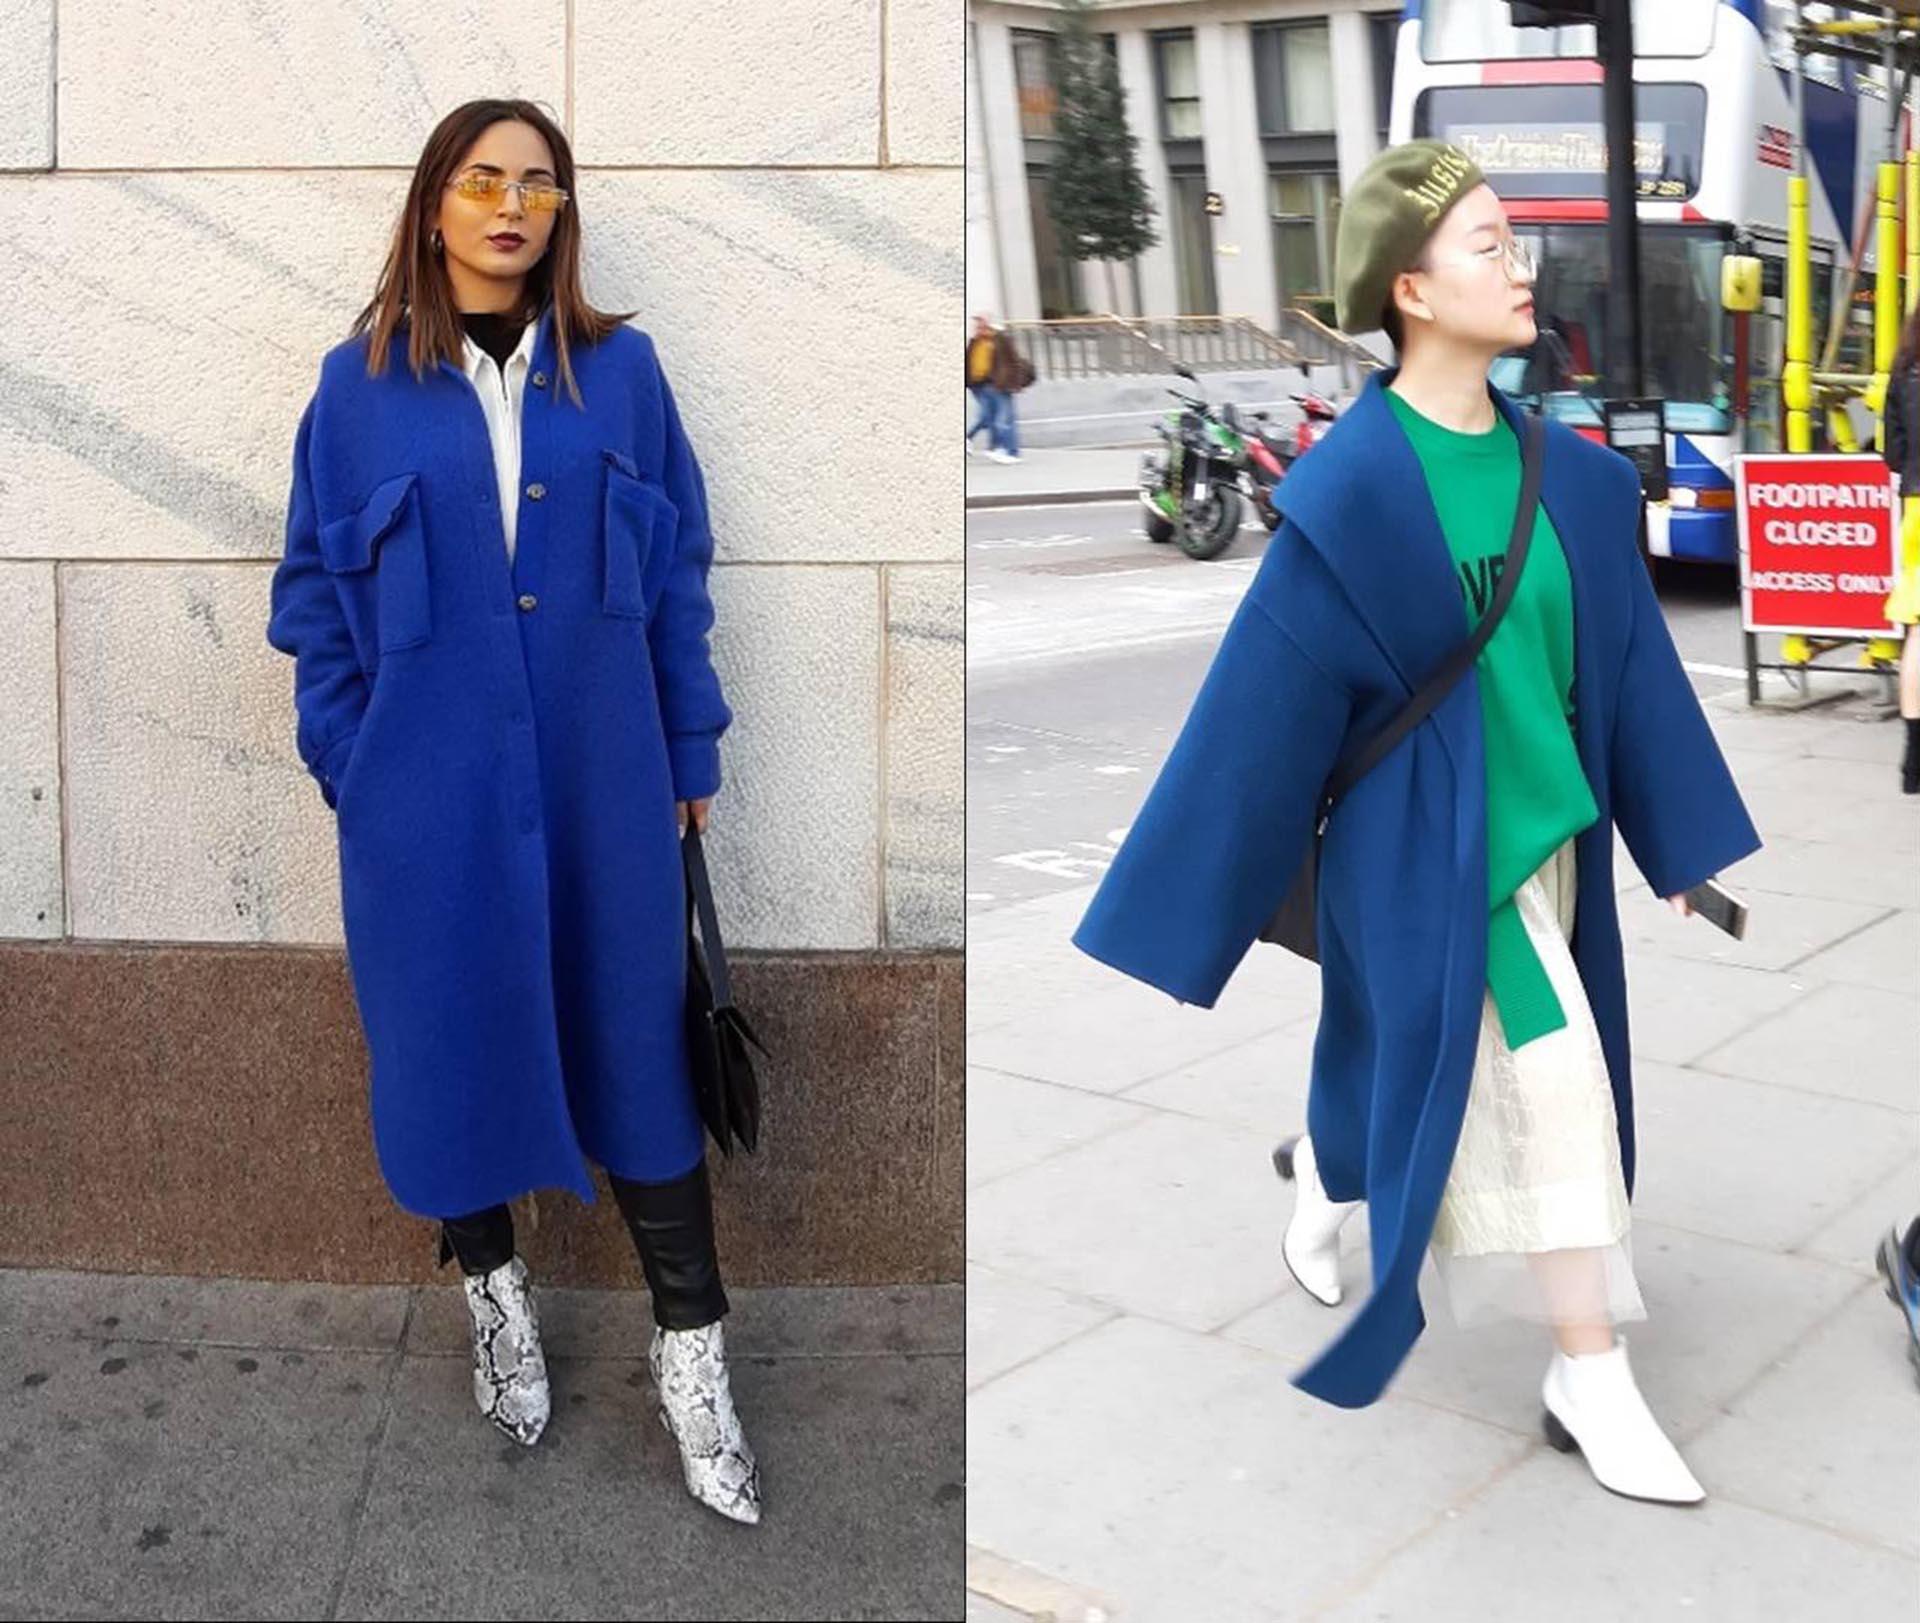 #PARA TI - COLOR - Moda - 12 - GENTILEZA INTI